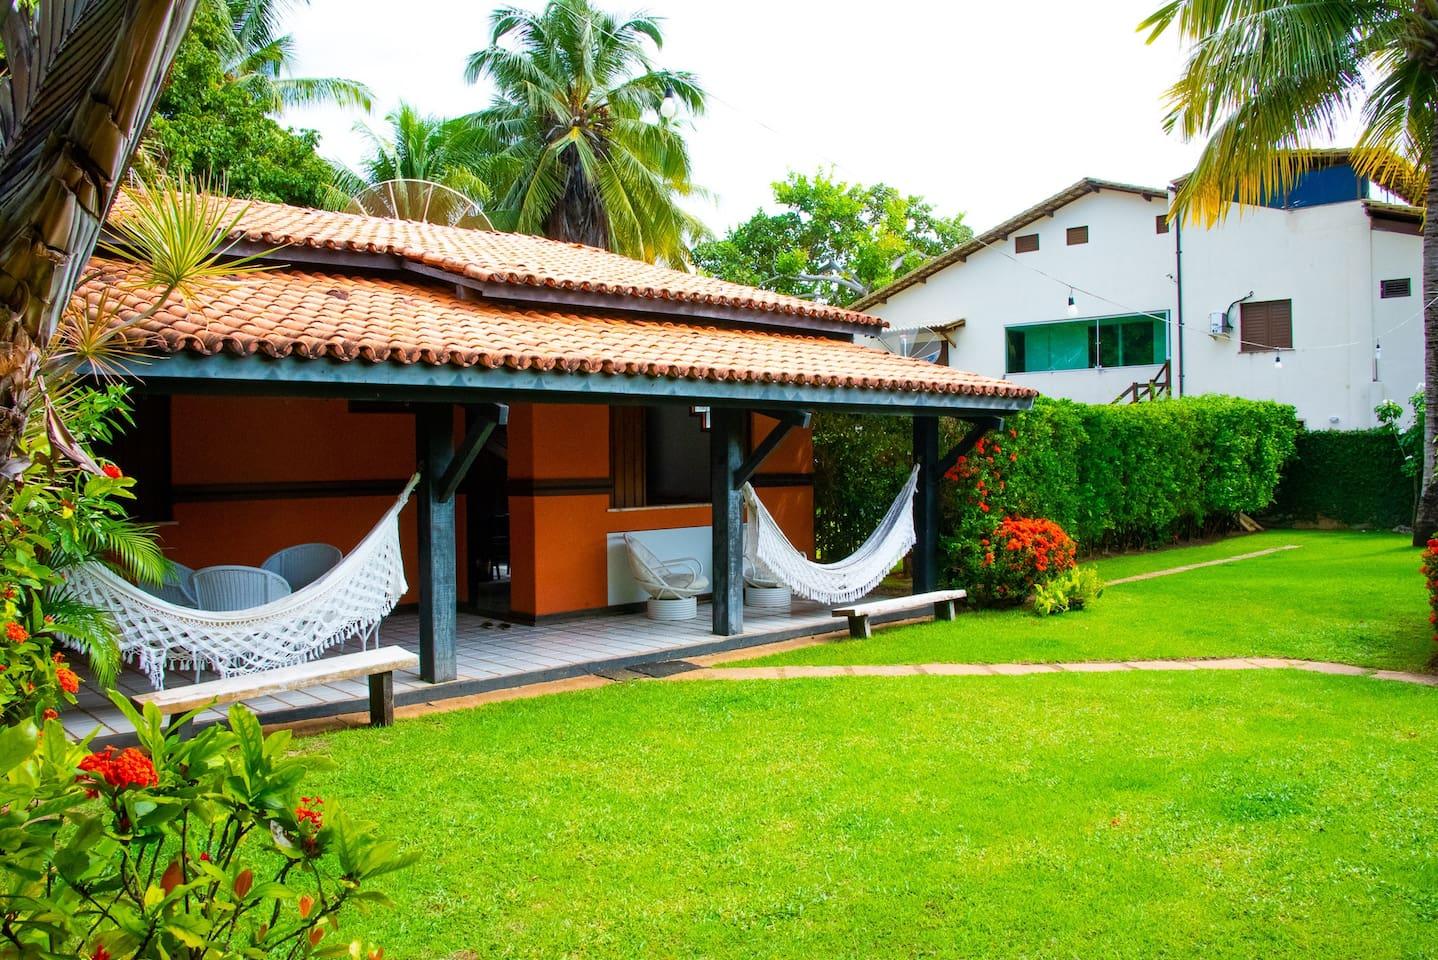 Casa com amplo jardim e quintal, todos os espaços das fotos são privativos. Incluindo garagem para 5 carros.